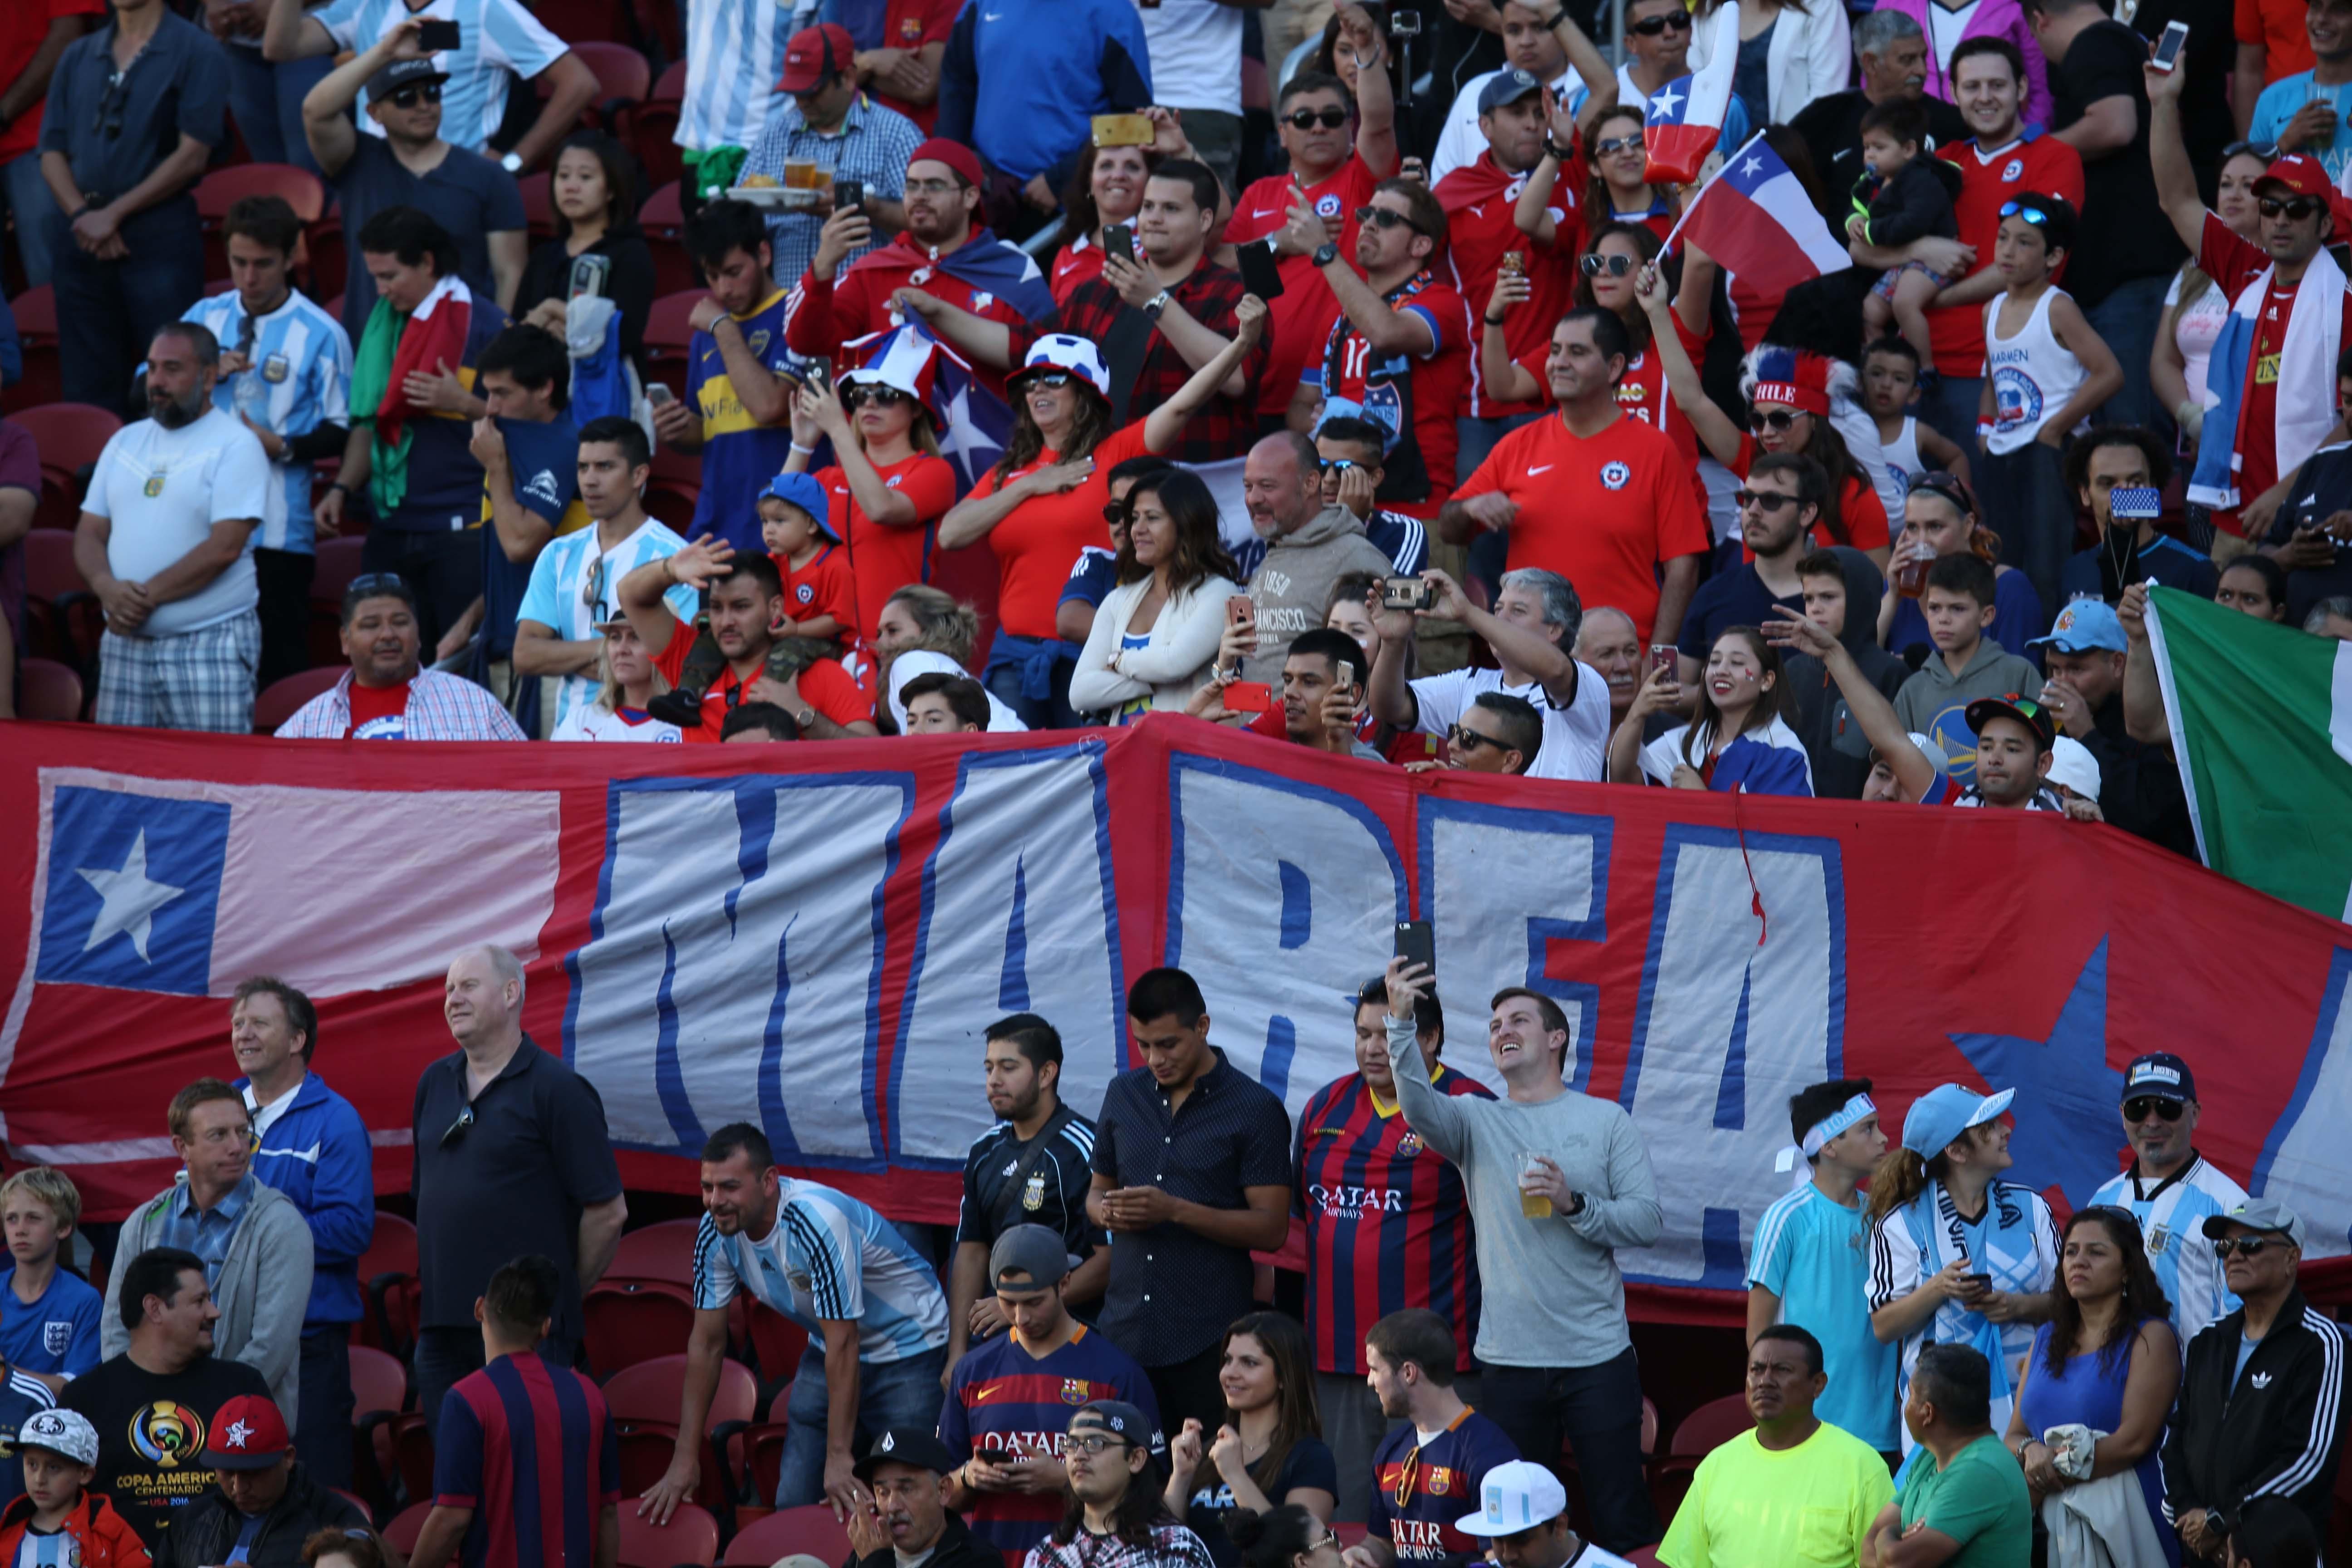 Copa-Match-2-15